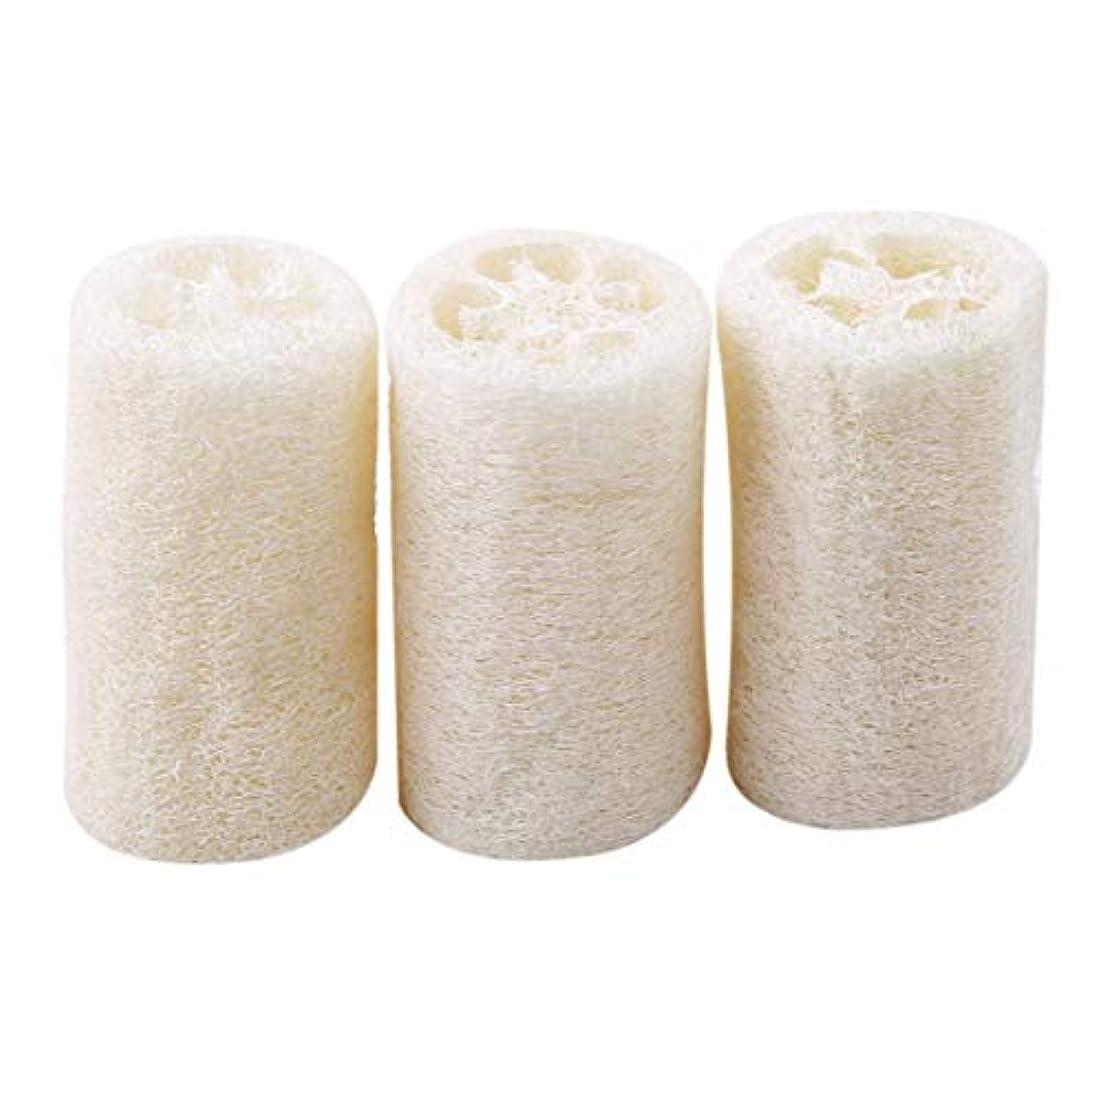 いらいらさせるキネマティクス許可Onior 耐久性 ボディースポンジ へちま お風呂 清掃 洗浄作業 3個セット